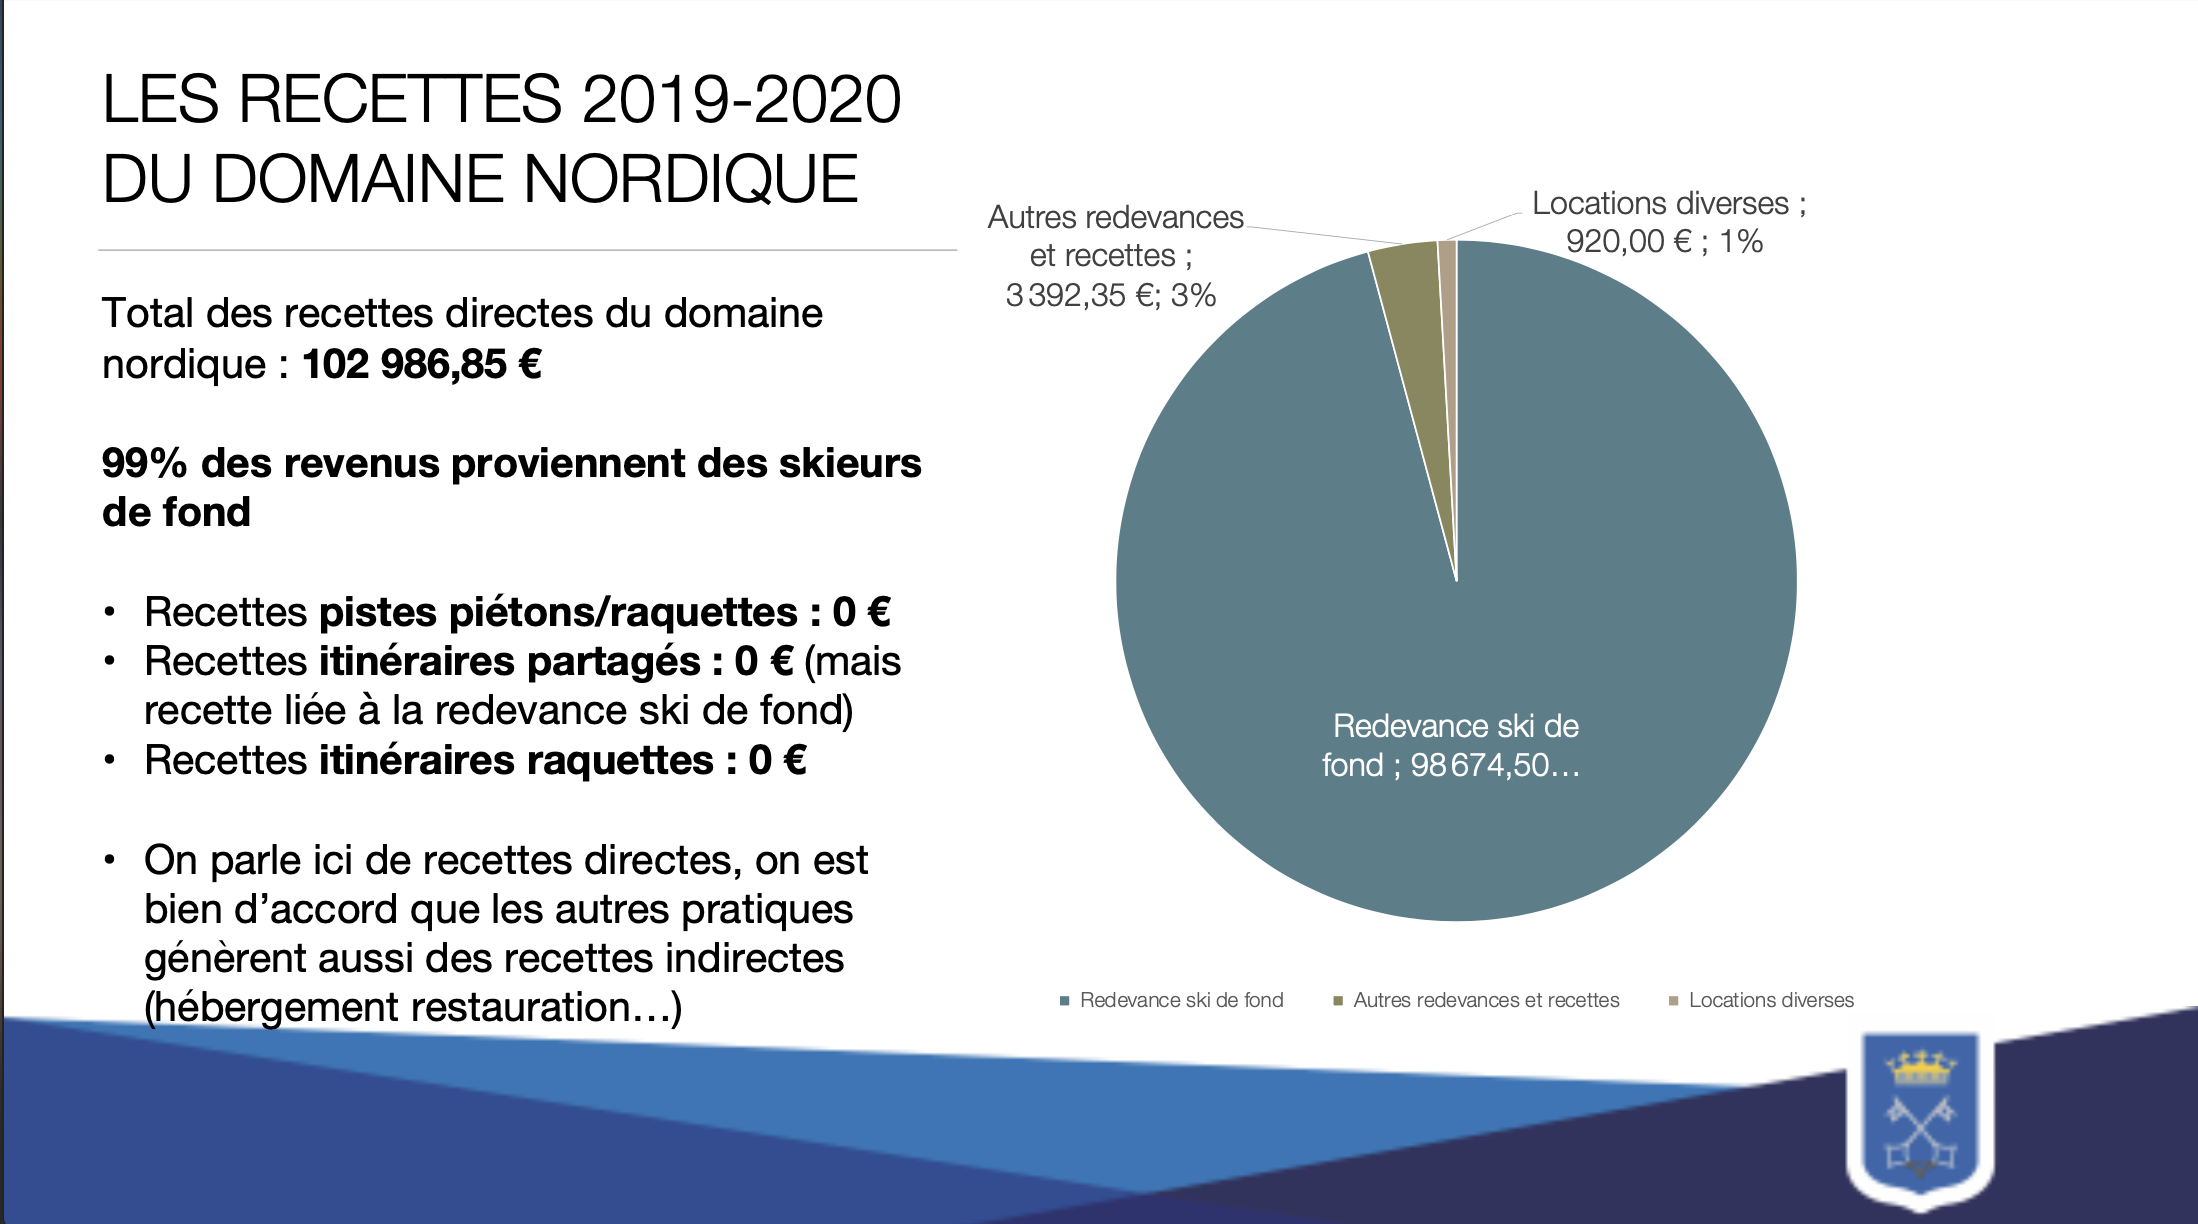 recettes du domaine nordique 2019-2020